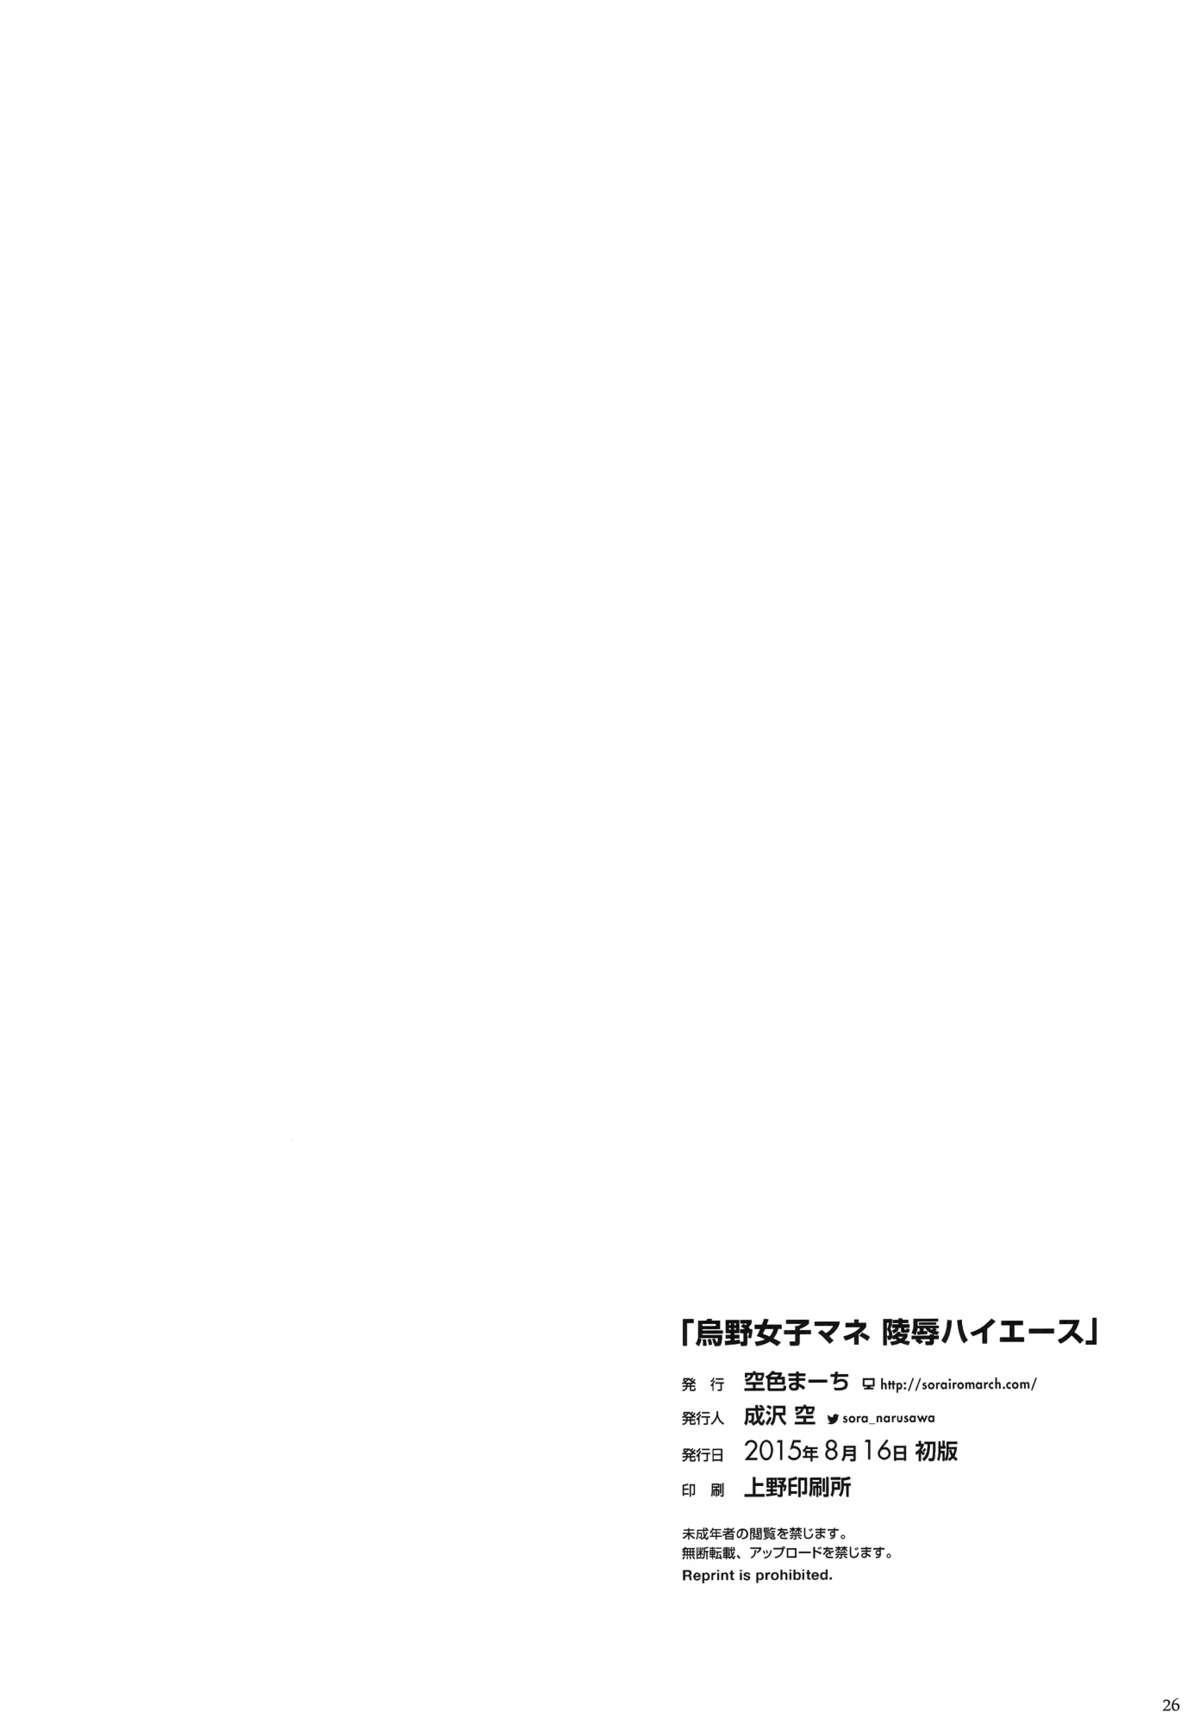 Karasuno JoshiMane Ryoujoku High Ace 25